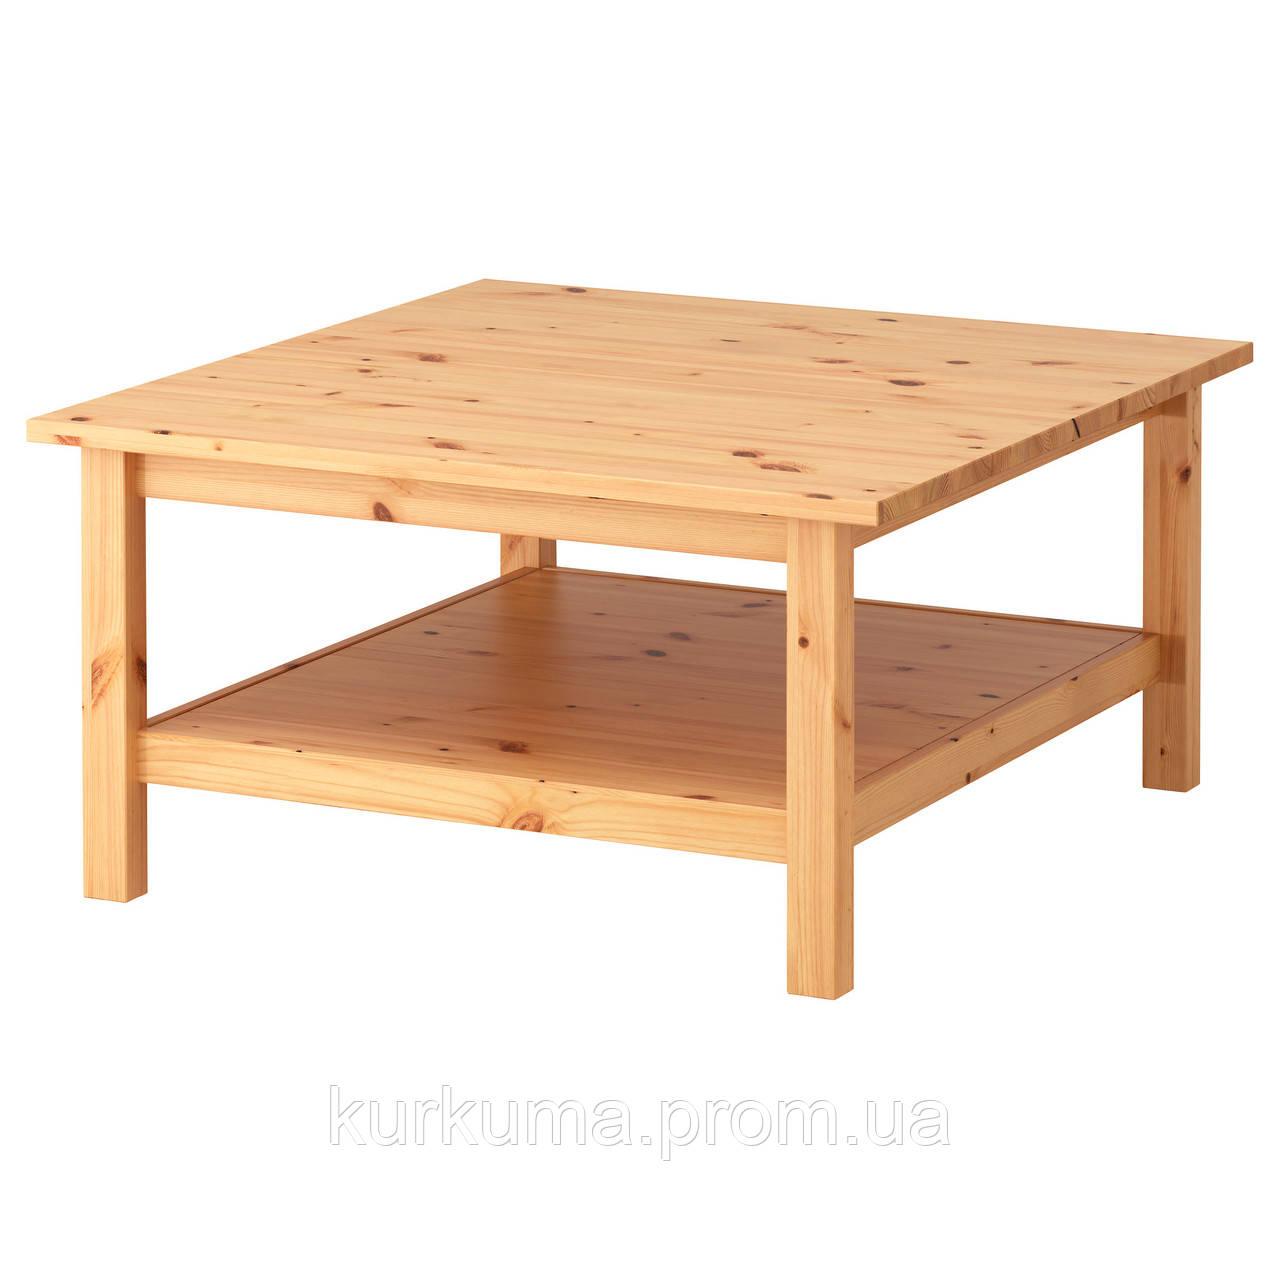 Ikea Hemnes журнальный столик светло коричневый 90282137 цена